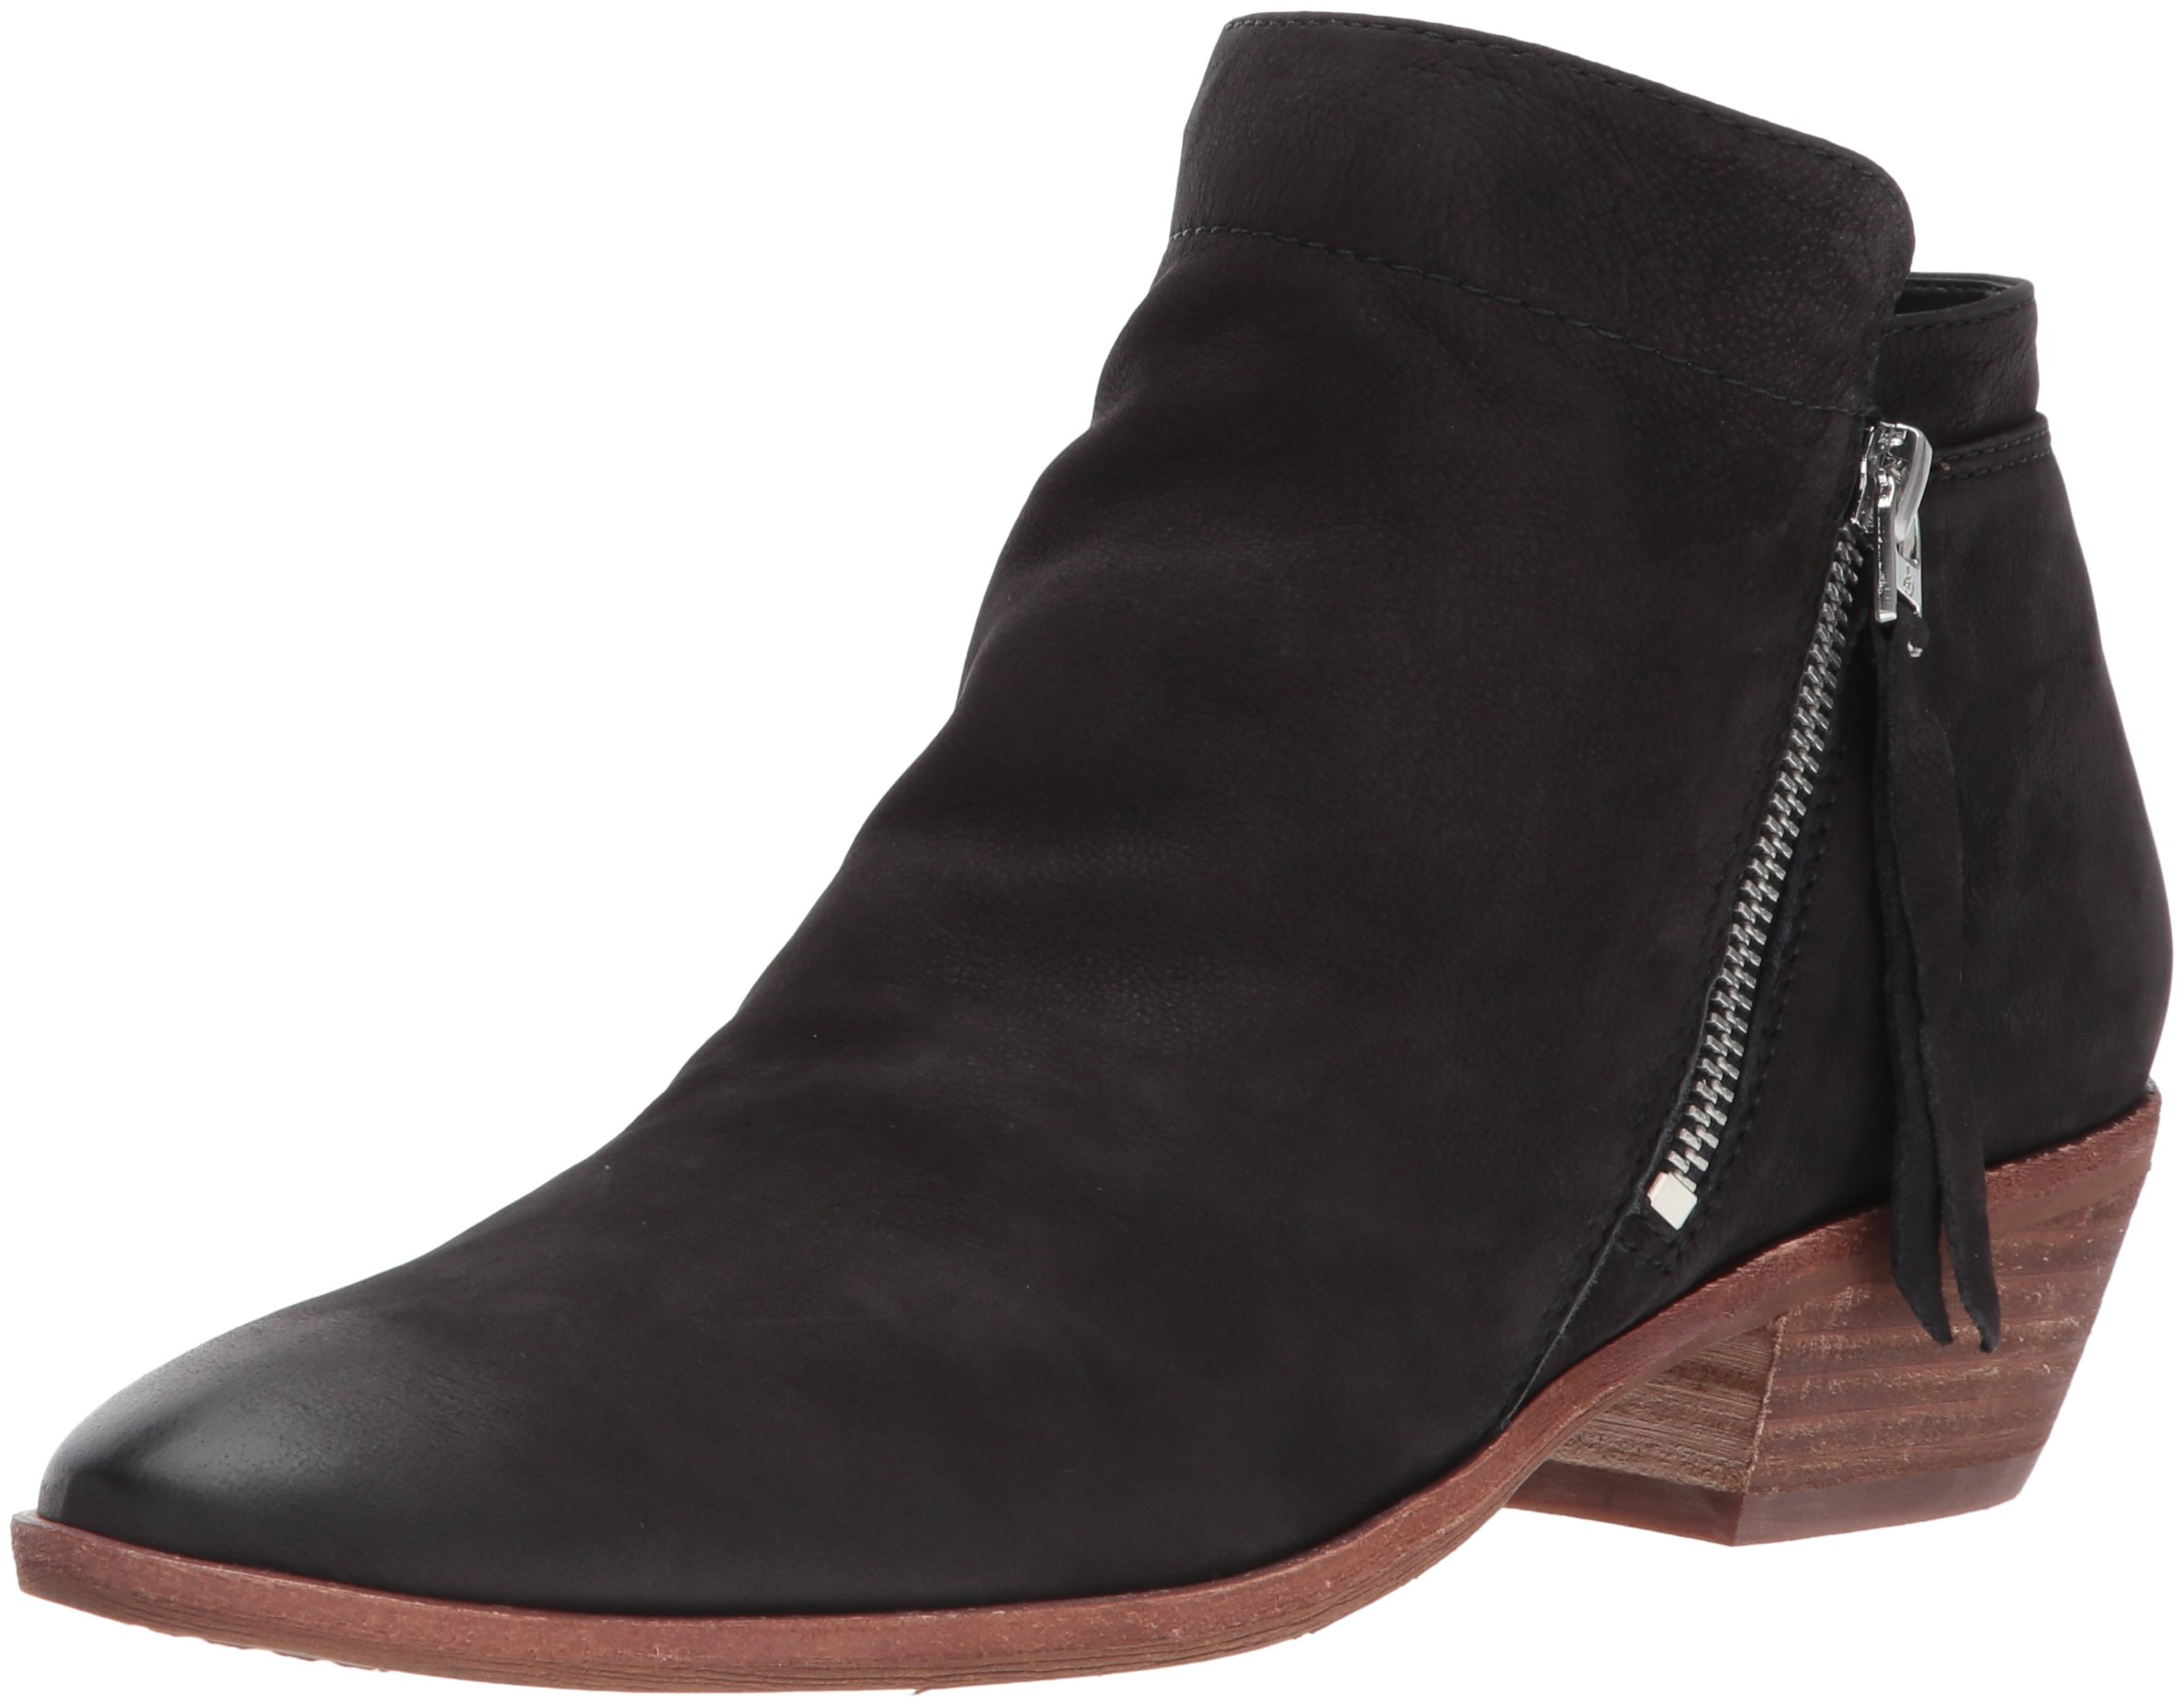 Sam Edelman Women's Packer Ankle Boot, Black Leather, 8.5 Medium US